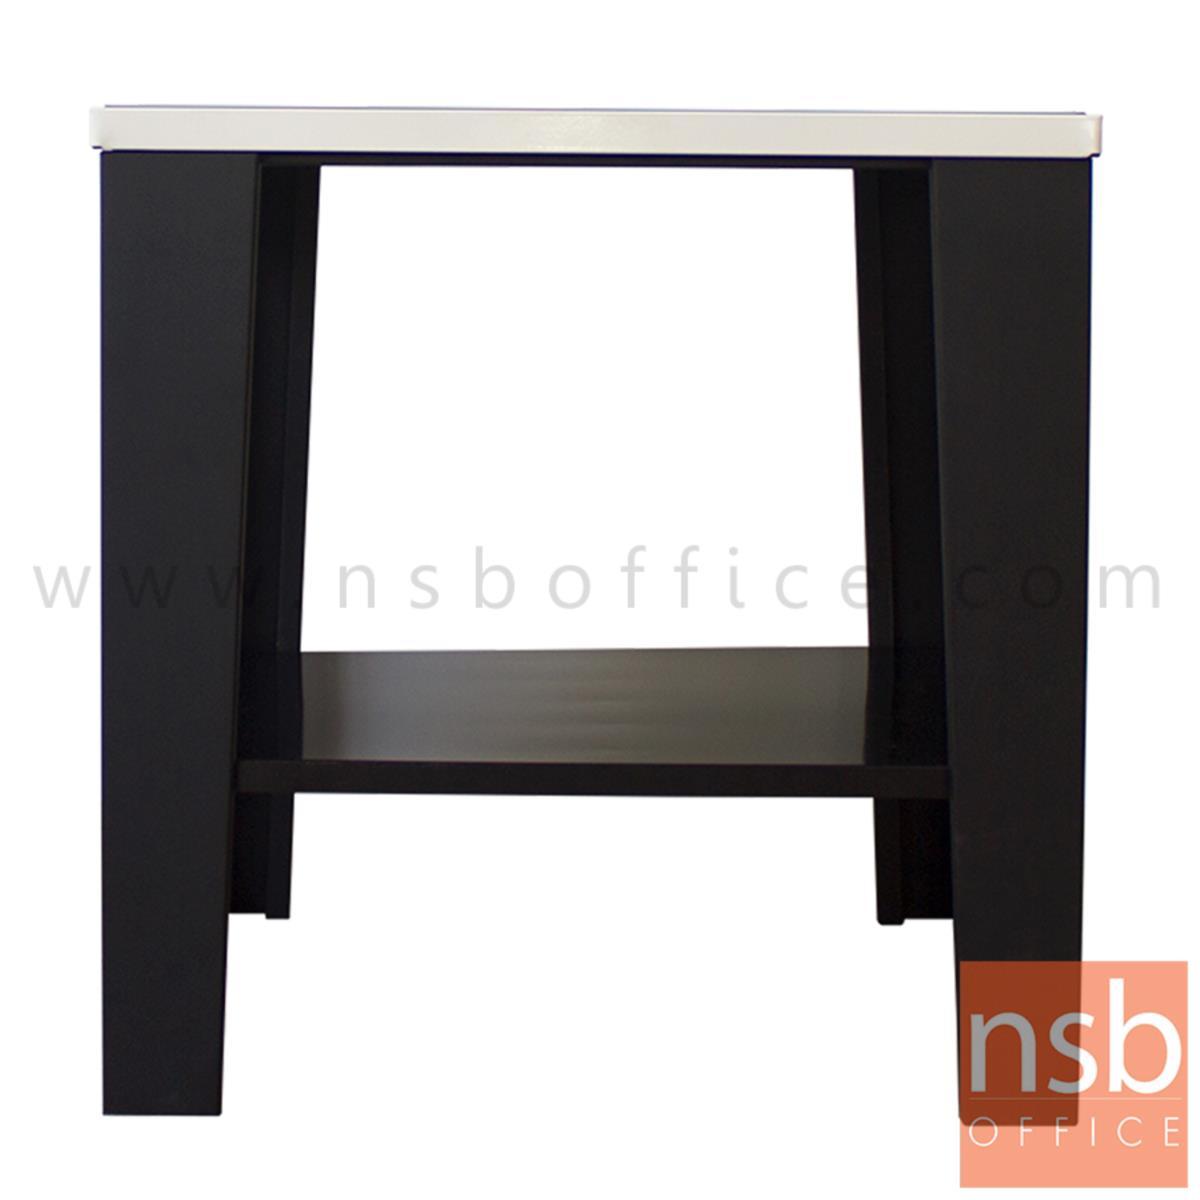 โต๊ะเหล็กข้างโซฟา  รุ่น KN-102 ขนาด 60W cm.